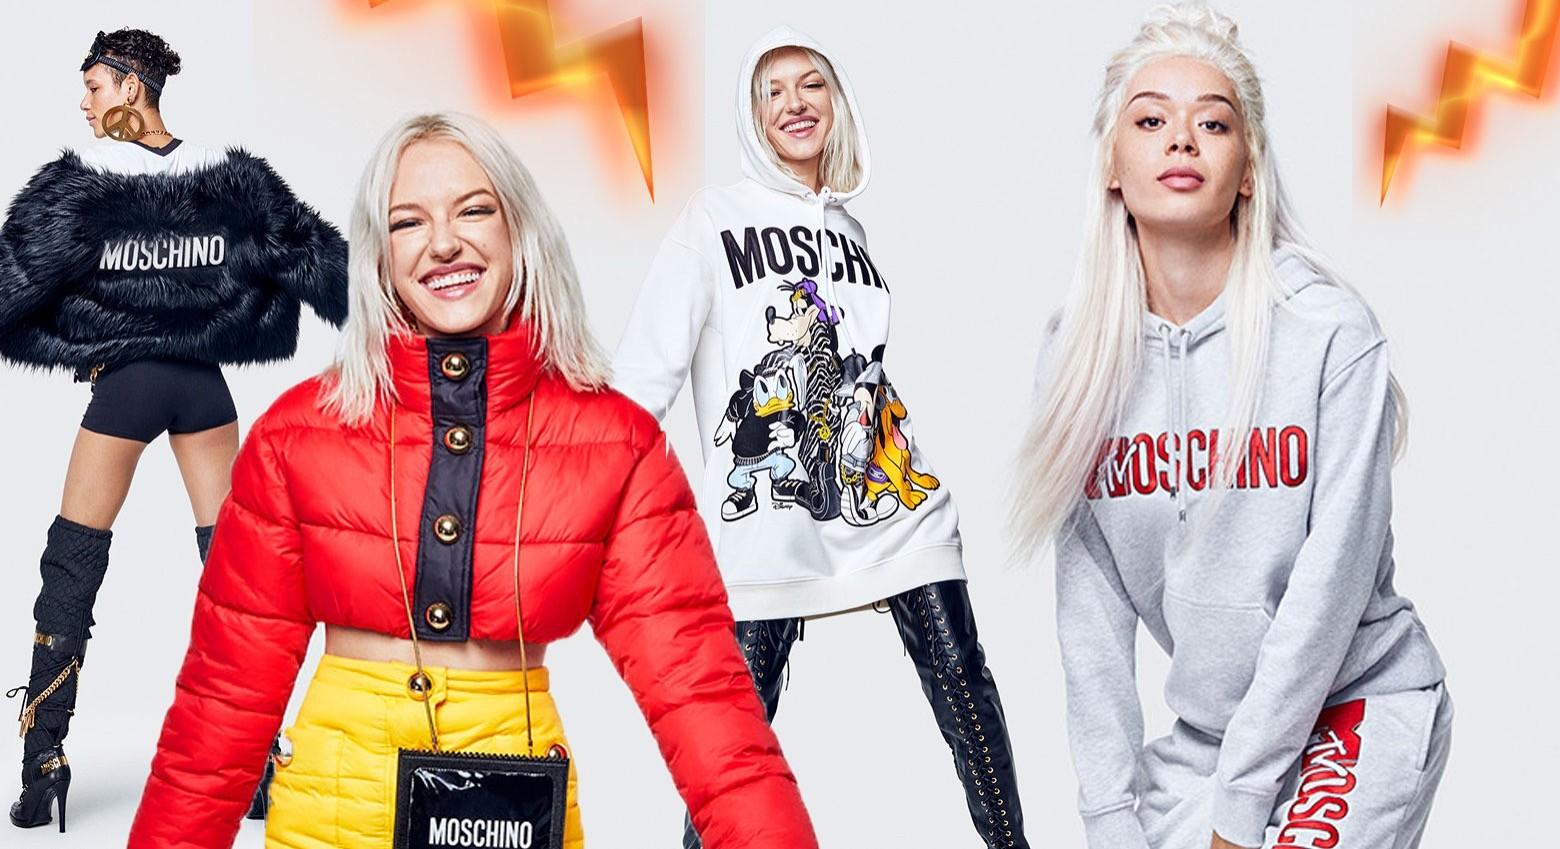 Не зря стояли : 6 вещей из коллекции H&M и Moschino, которые точно приживутся в гардеробе